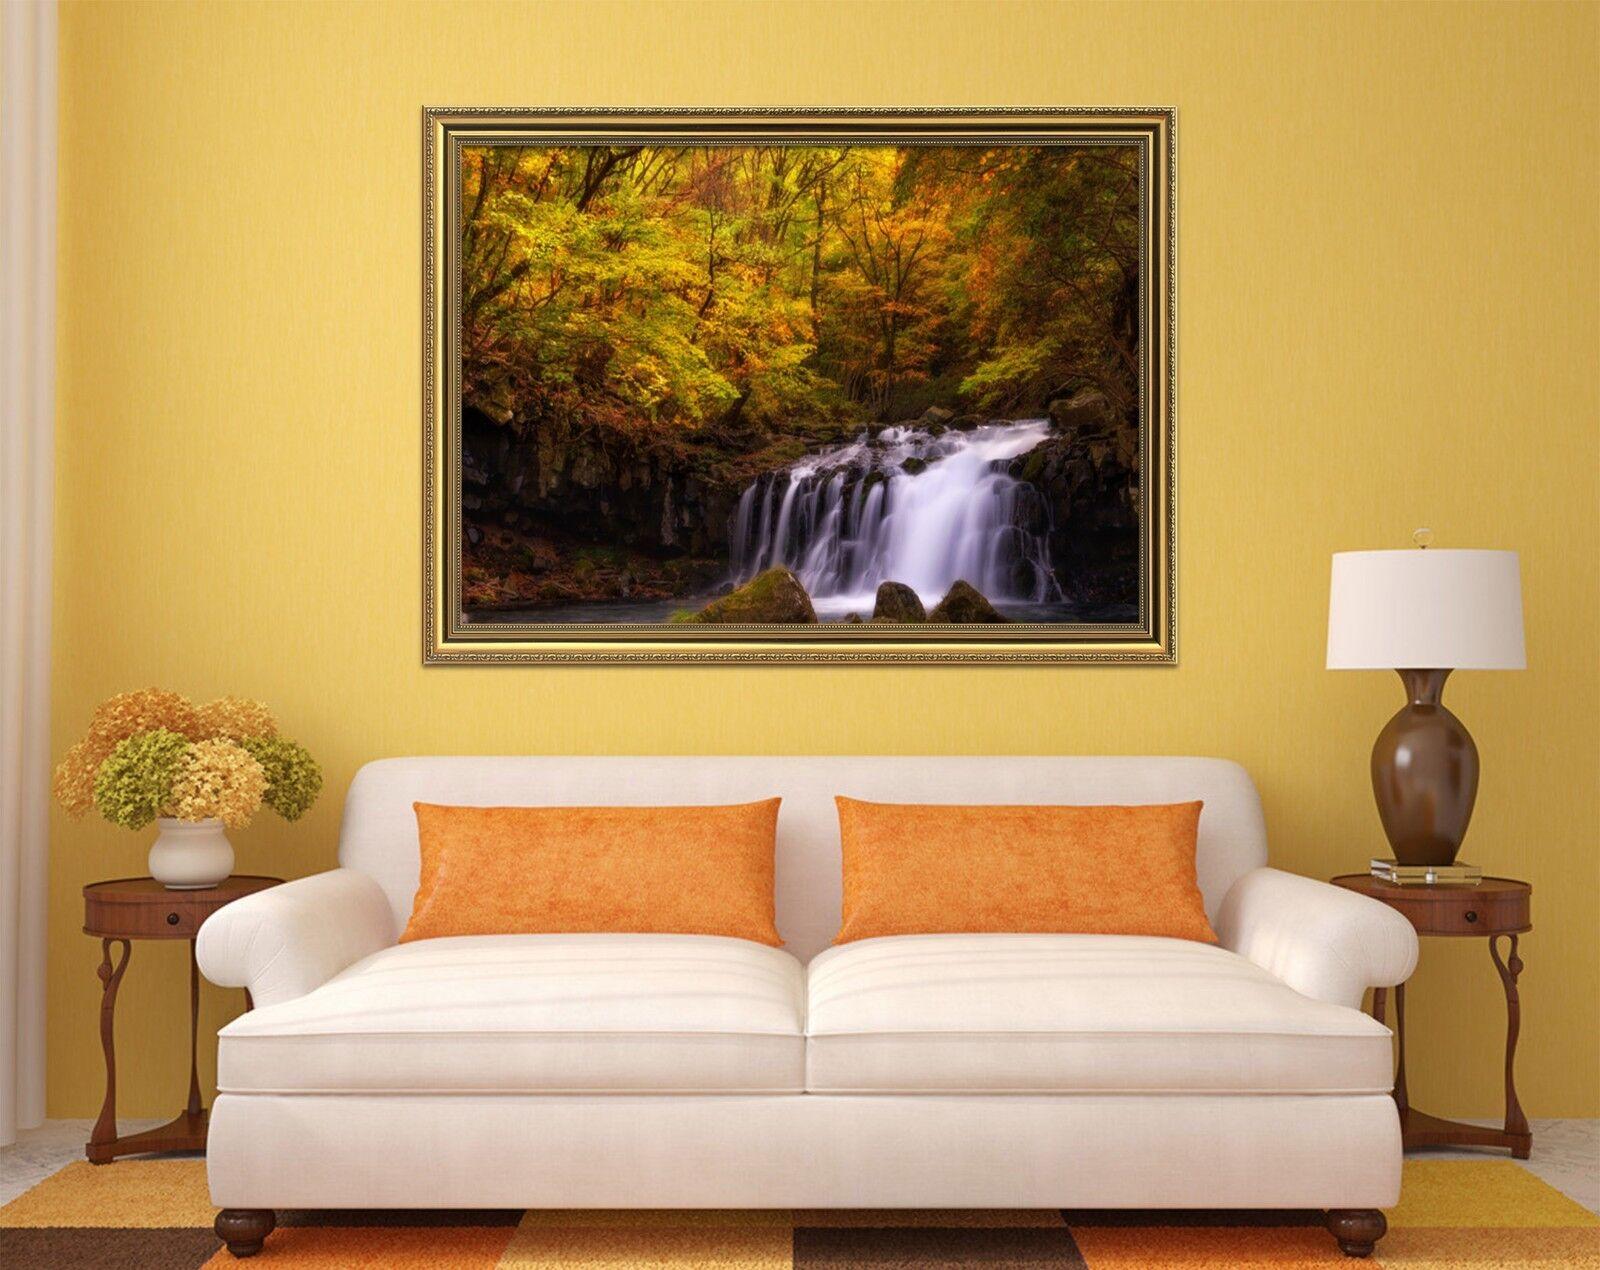 3D Póster Enmarcado Cascada Bosque vista 2 Decoración del Hogar Pintura de Impresión Arte Wallpaper